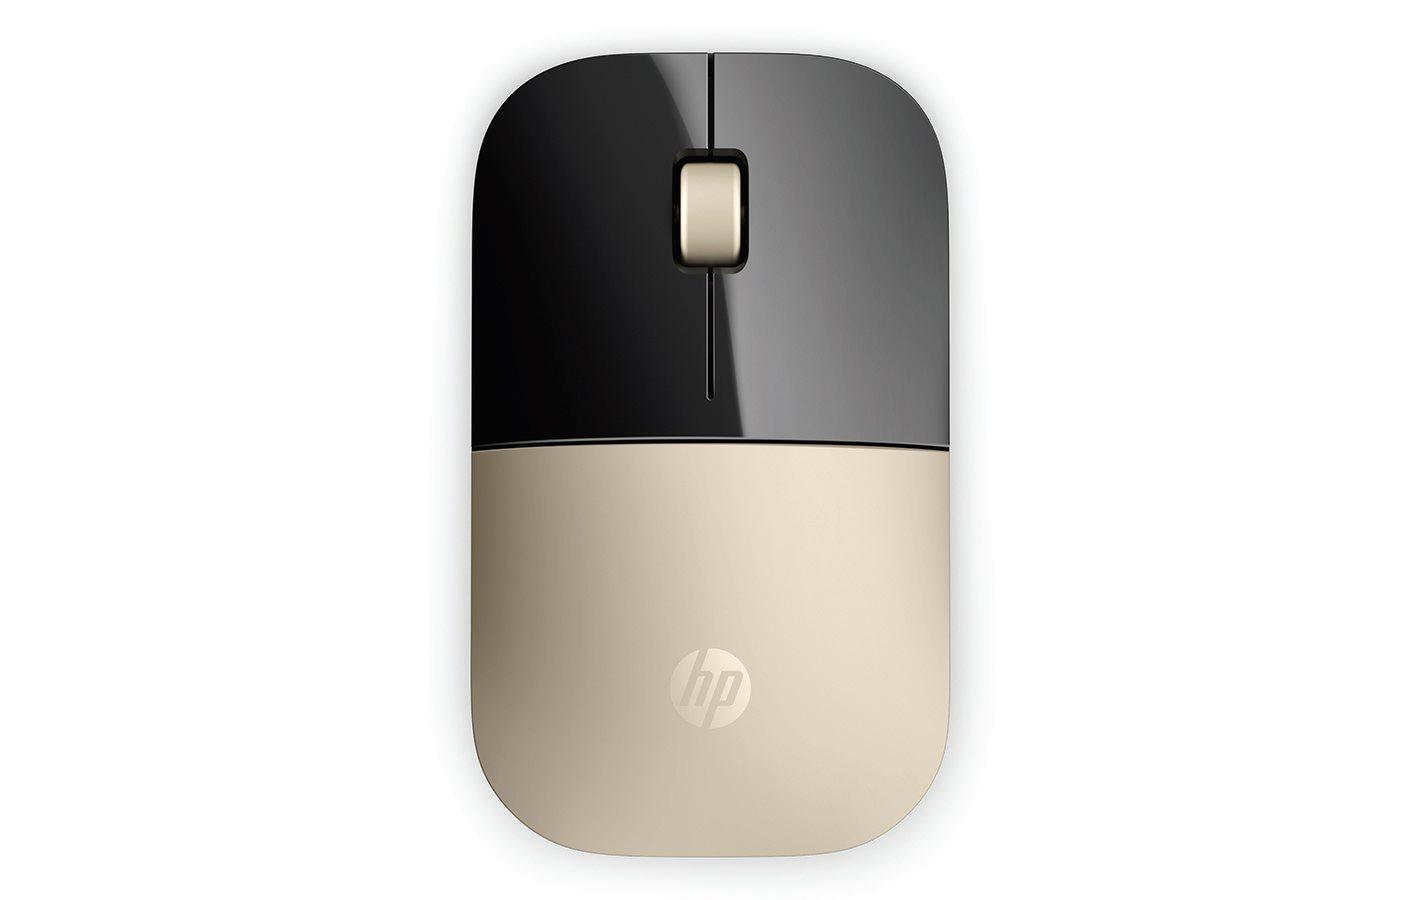 HP myš Z3700 bezdrátová zlatá